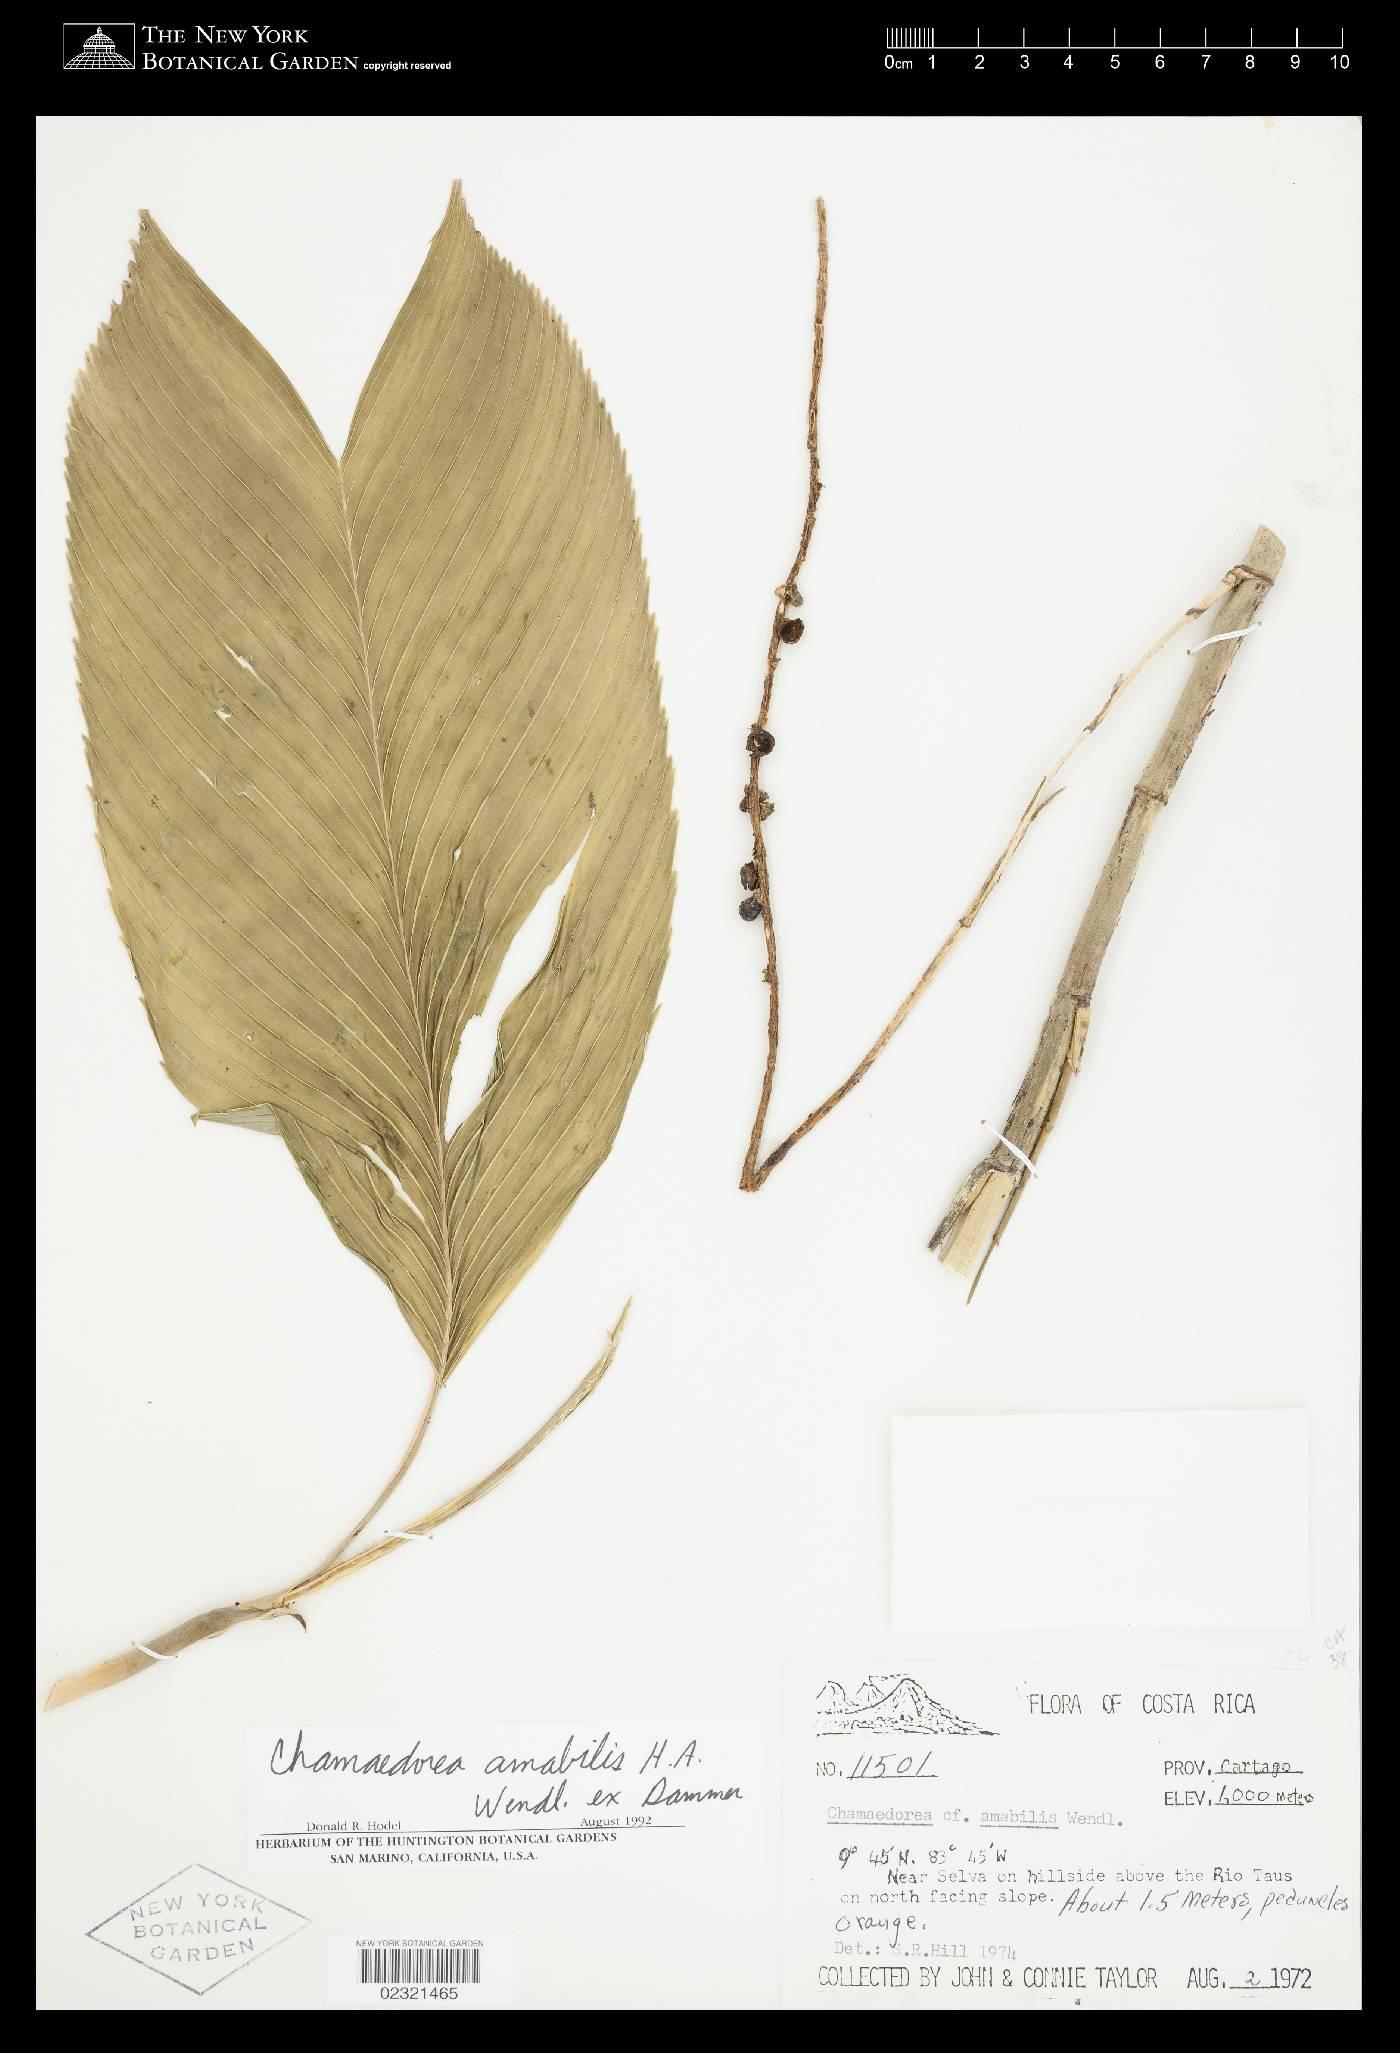 Chamaedorea amabilis image